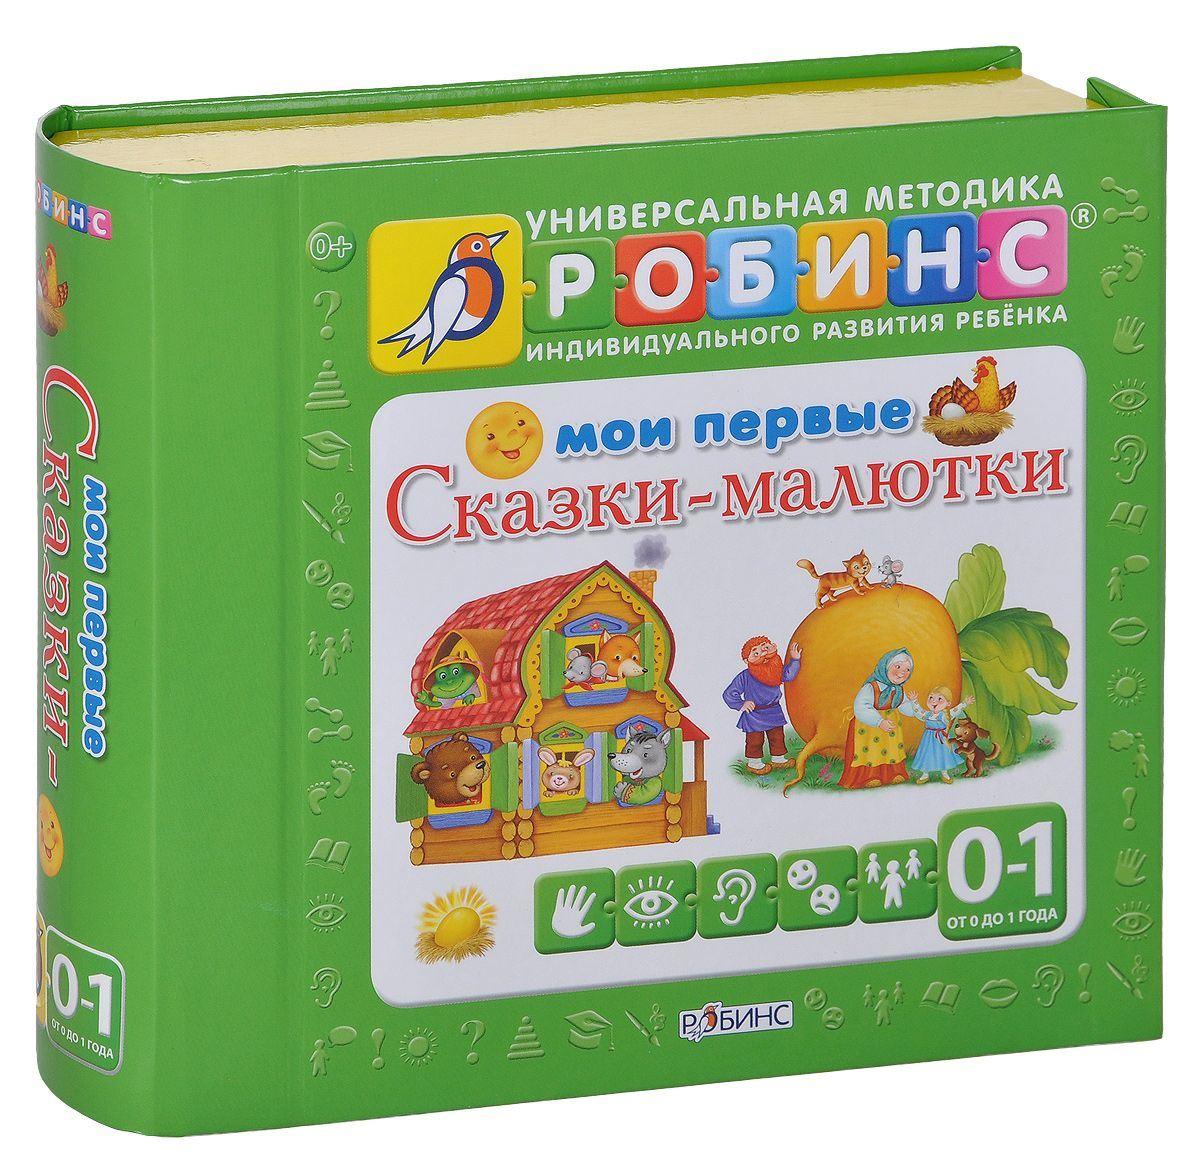 РОБИНС Книга «Мои первые сказки-малютки» New